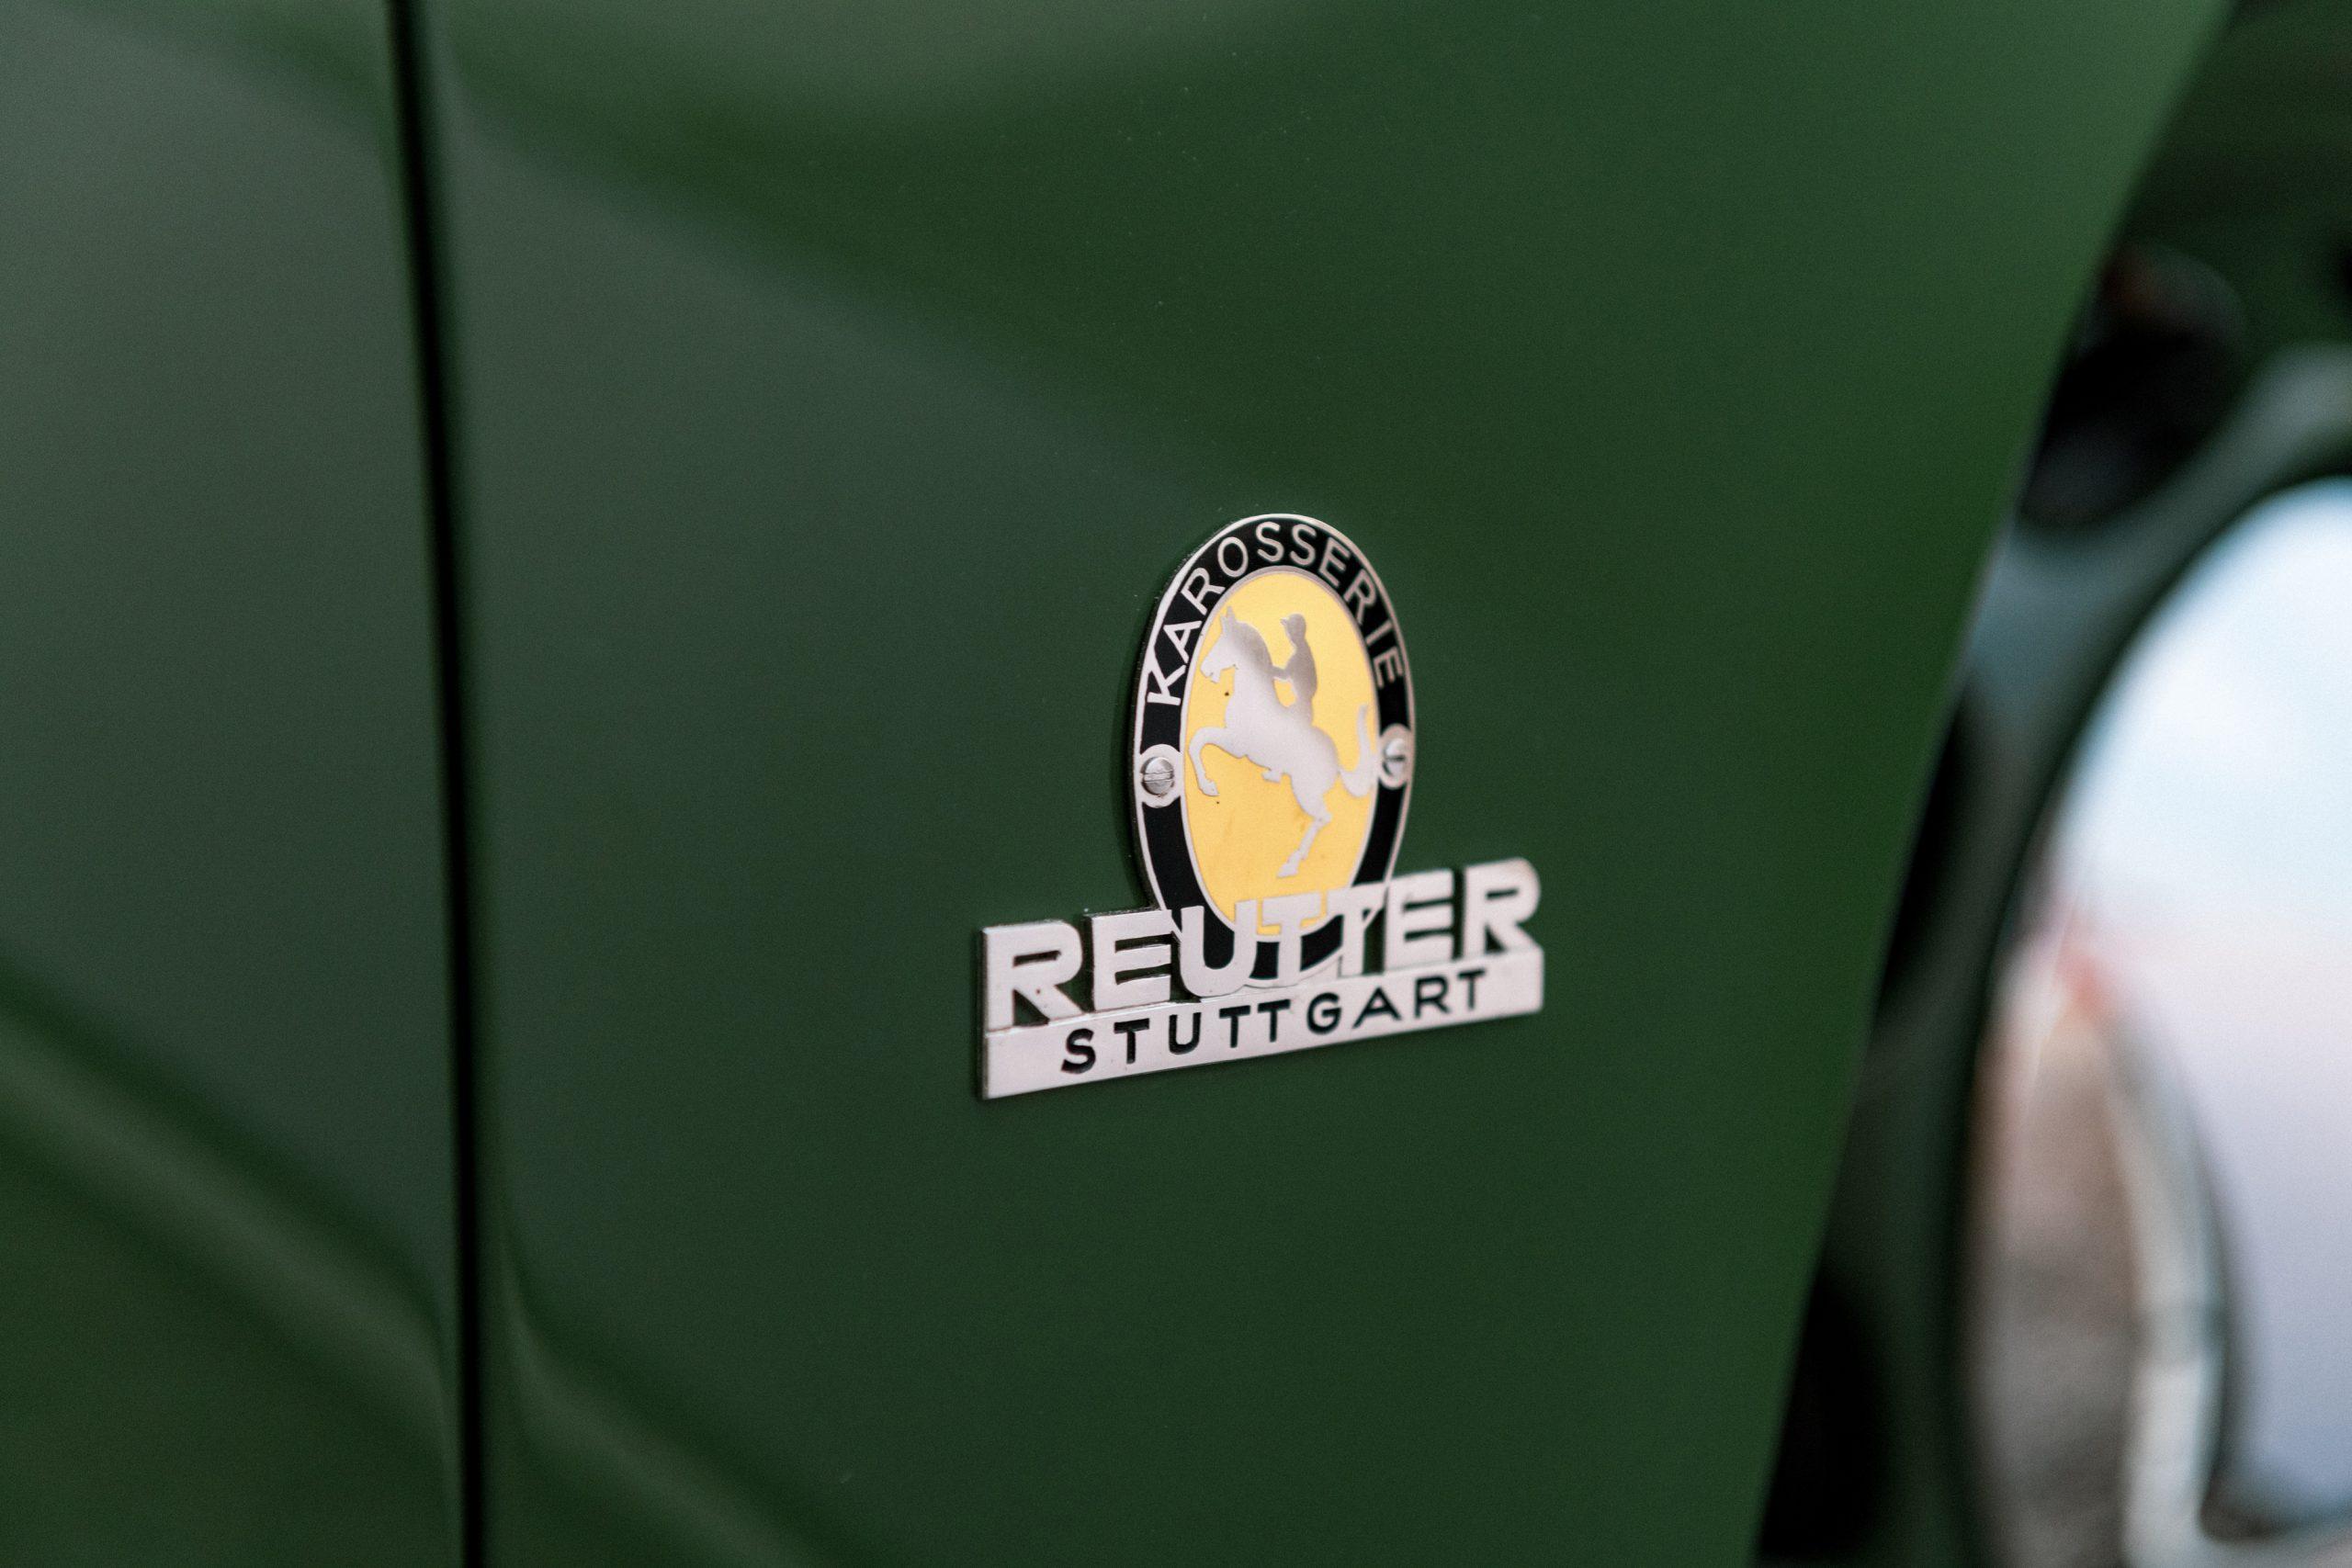 Porsche 356 Coupe Reutter badge